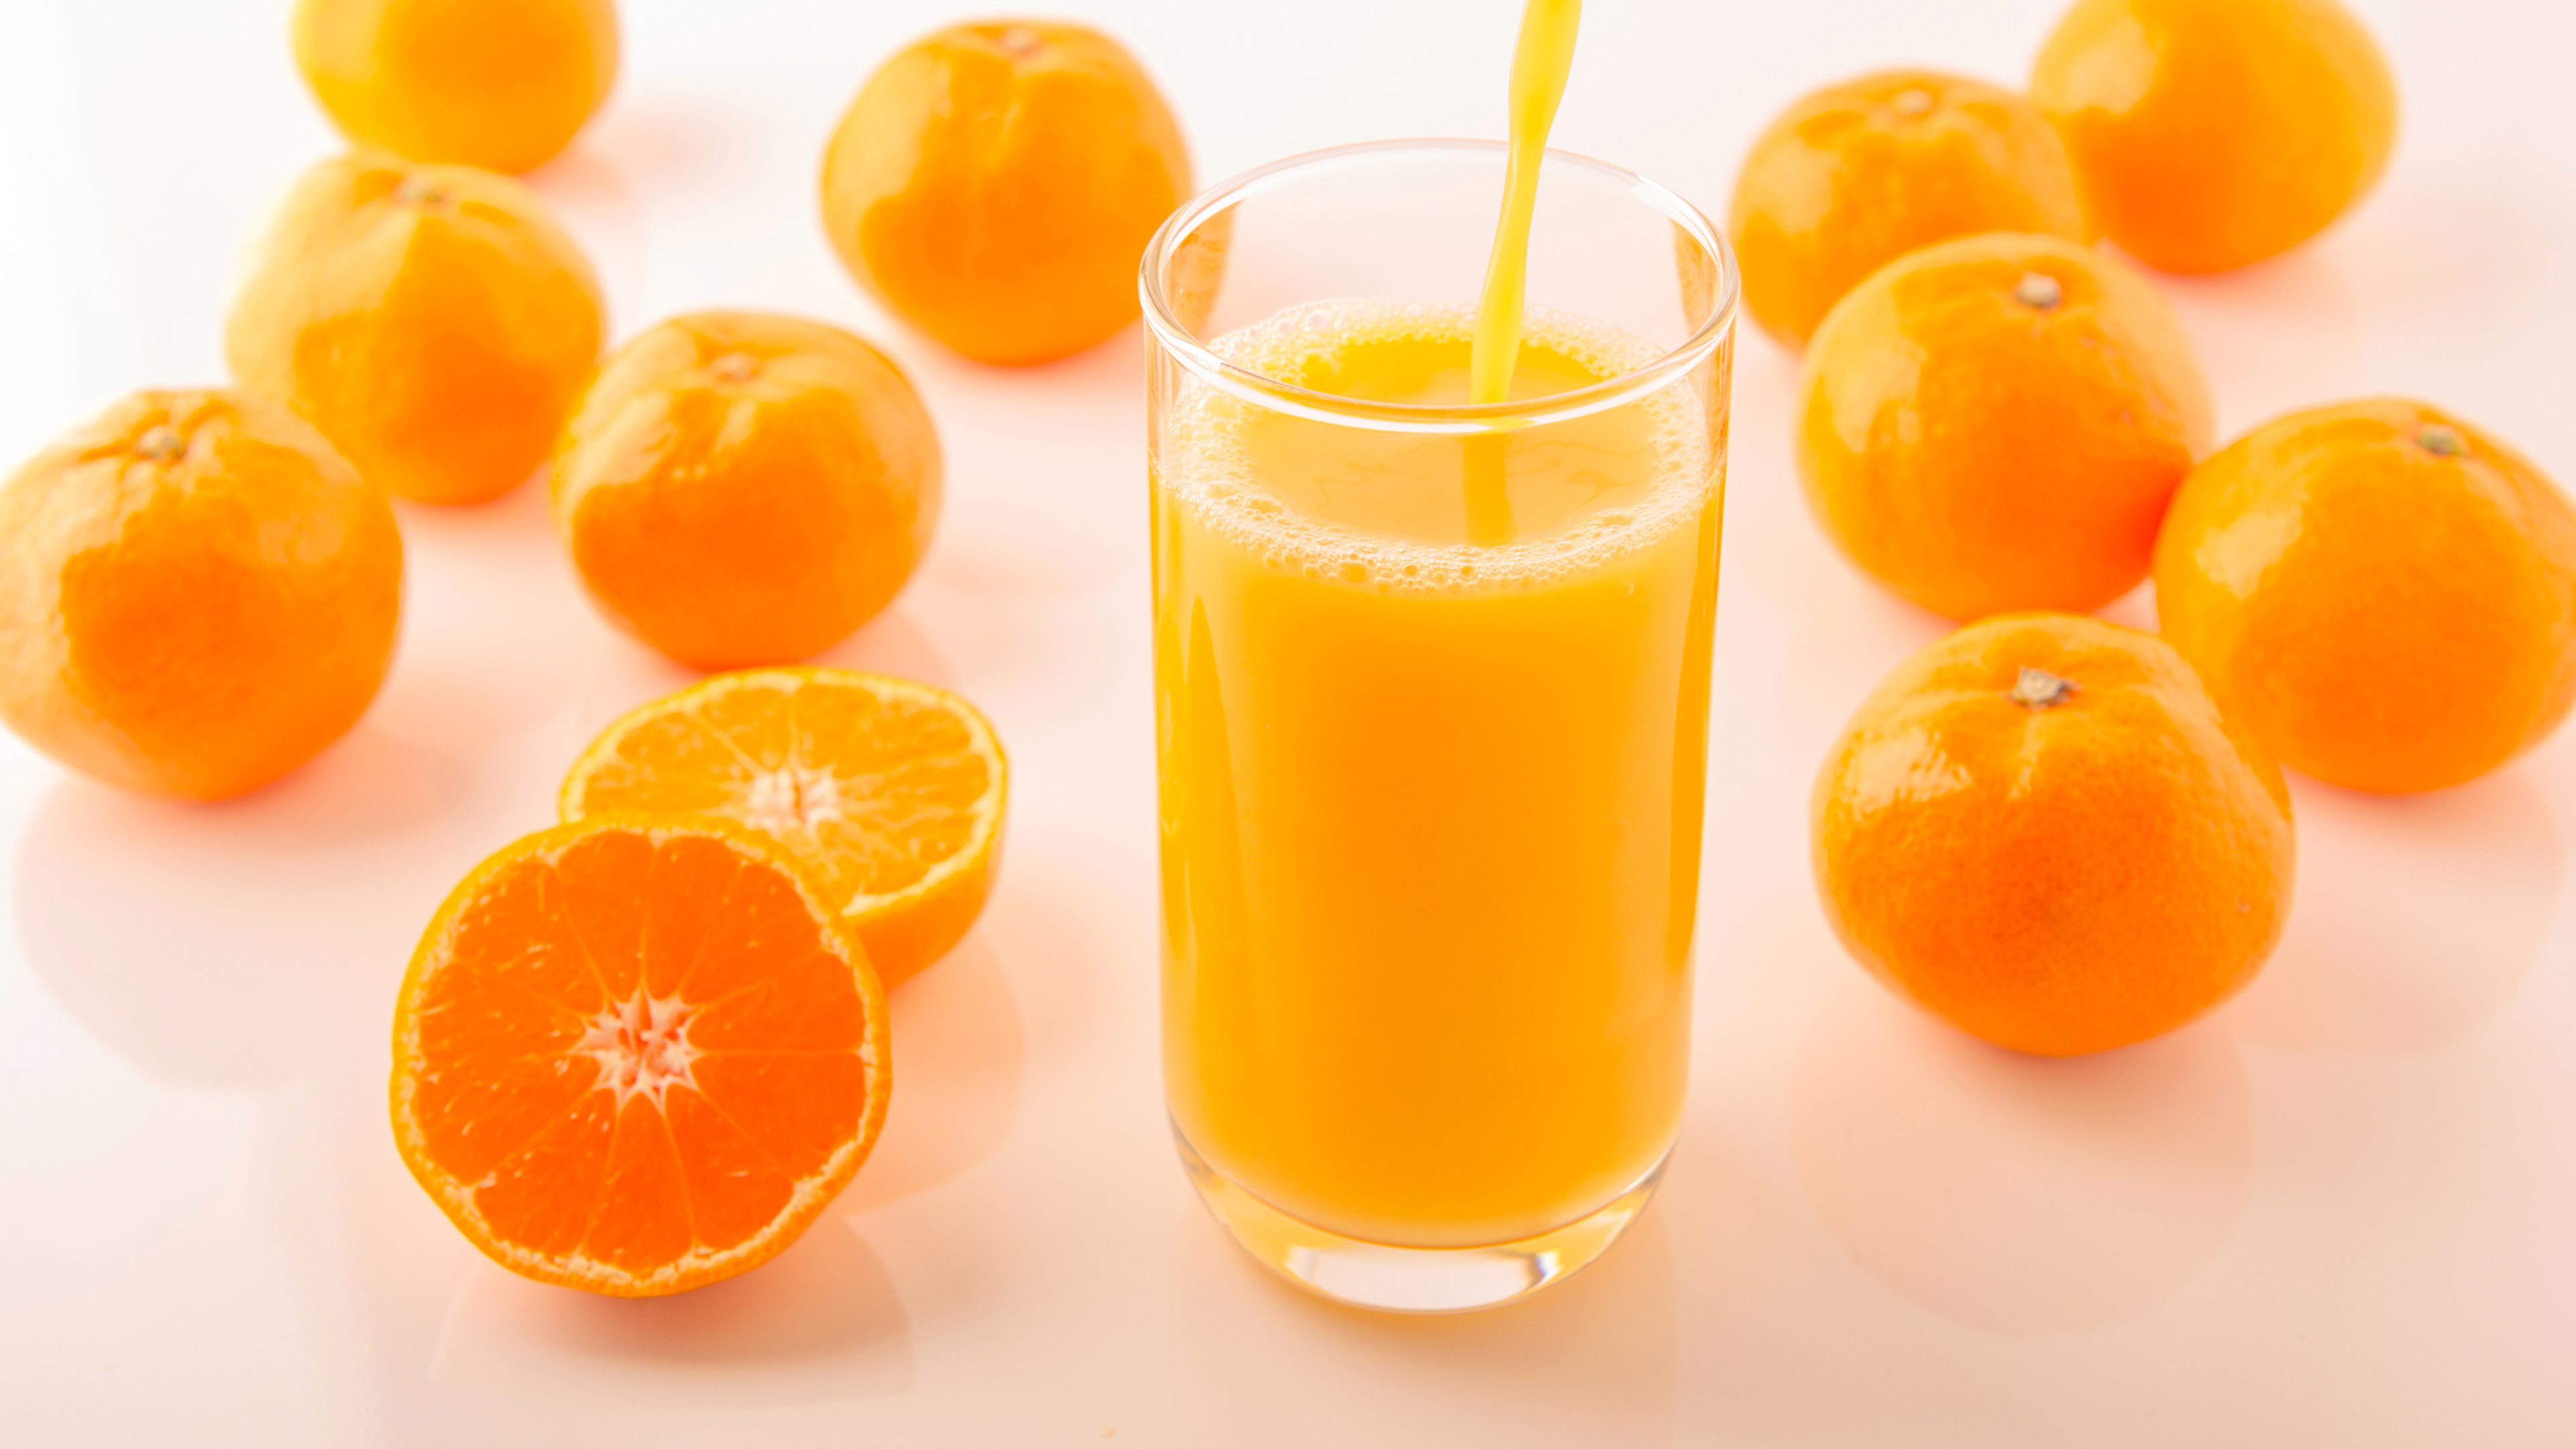 Обои для рабочего стола Сок Мандарины Стакан Еда 3840x2160 стакана стакане Пища Продукты питания